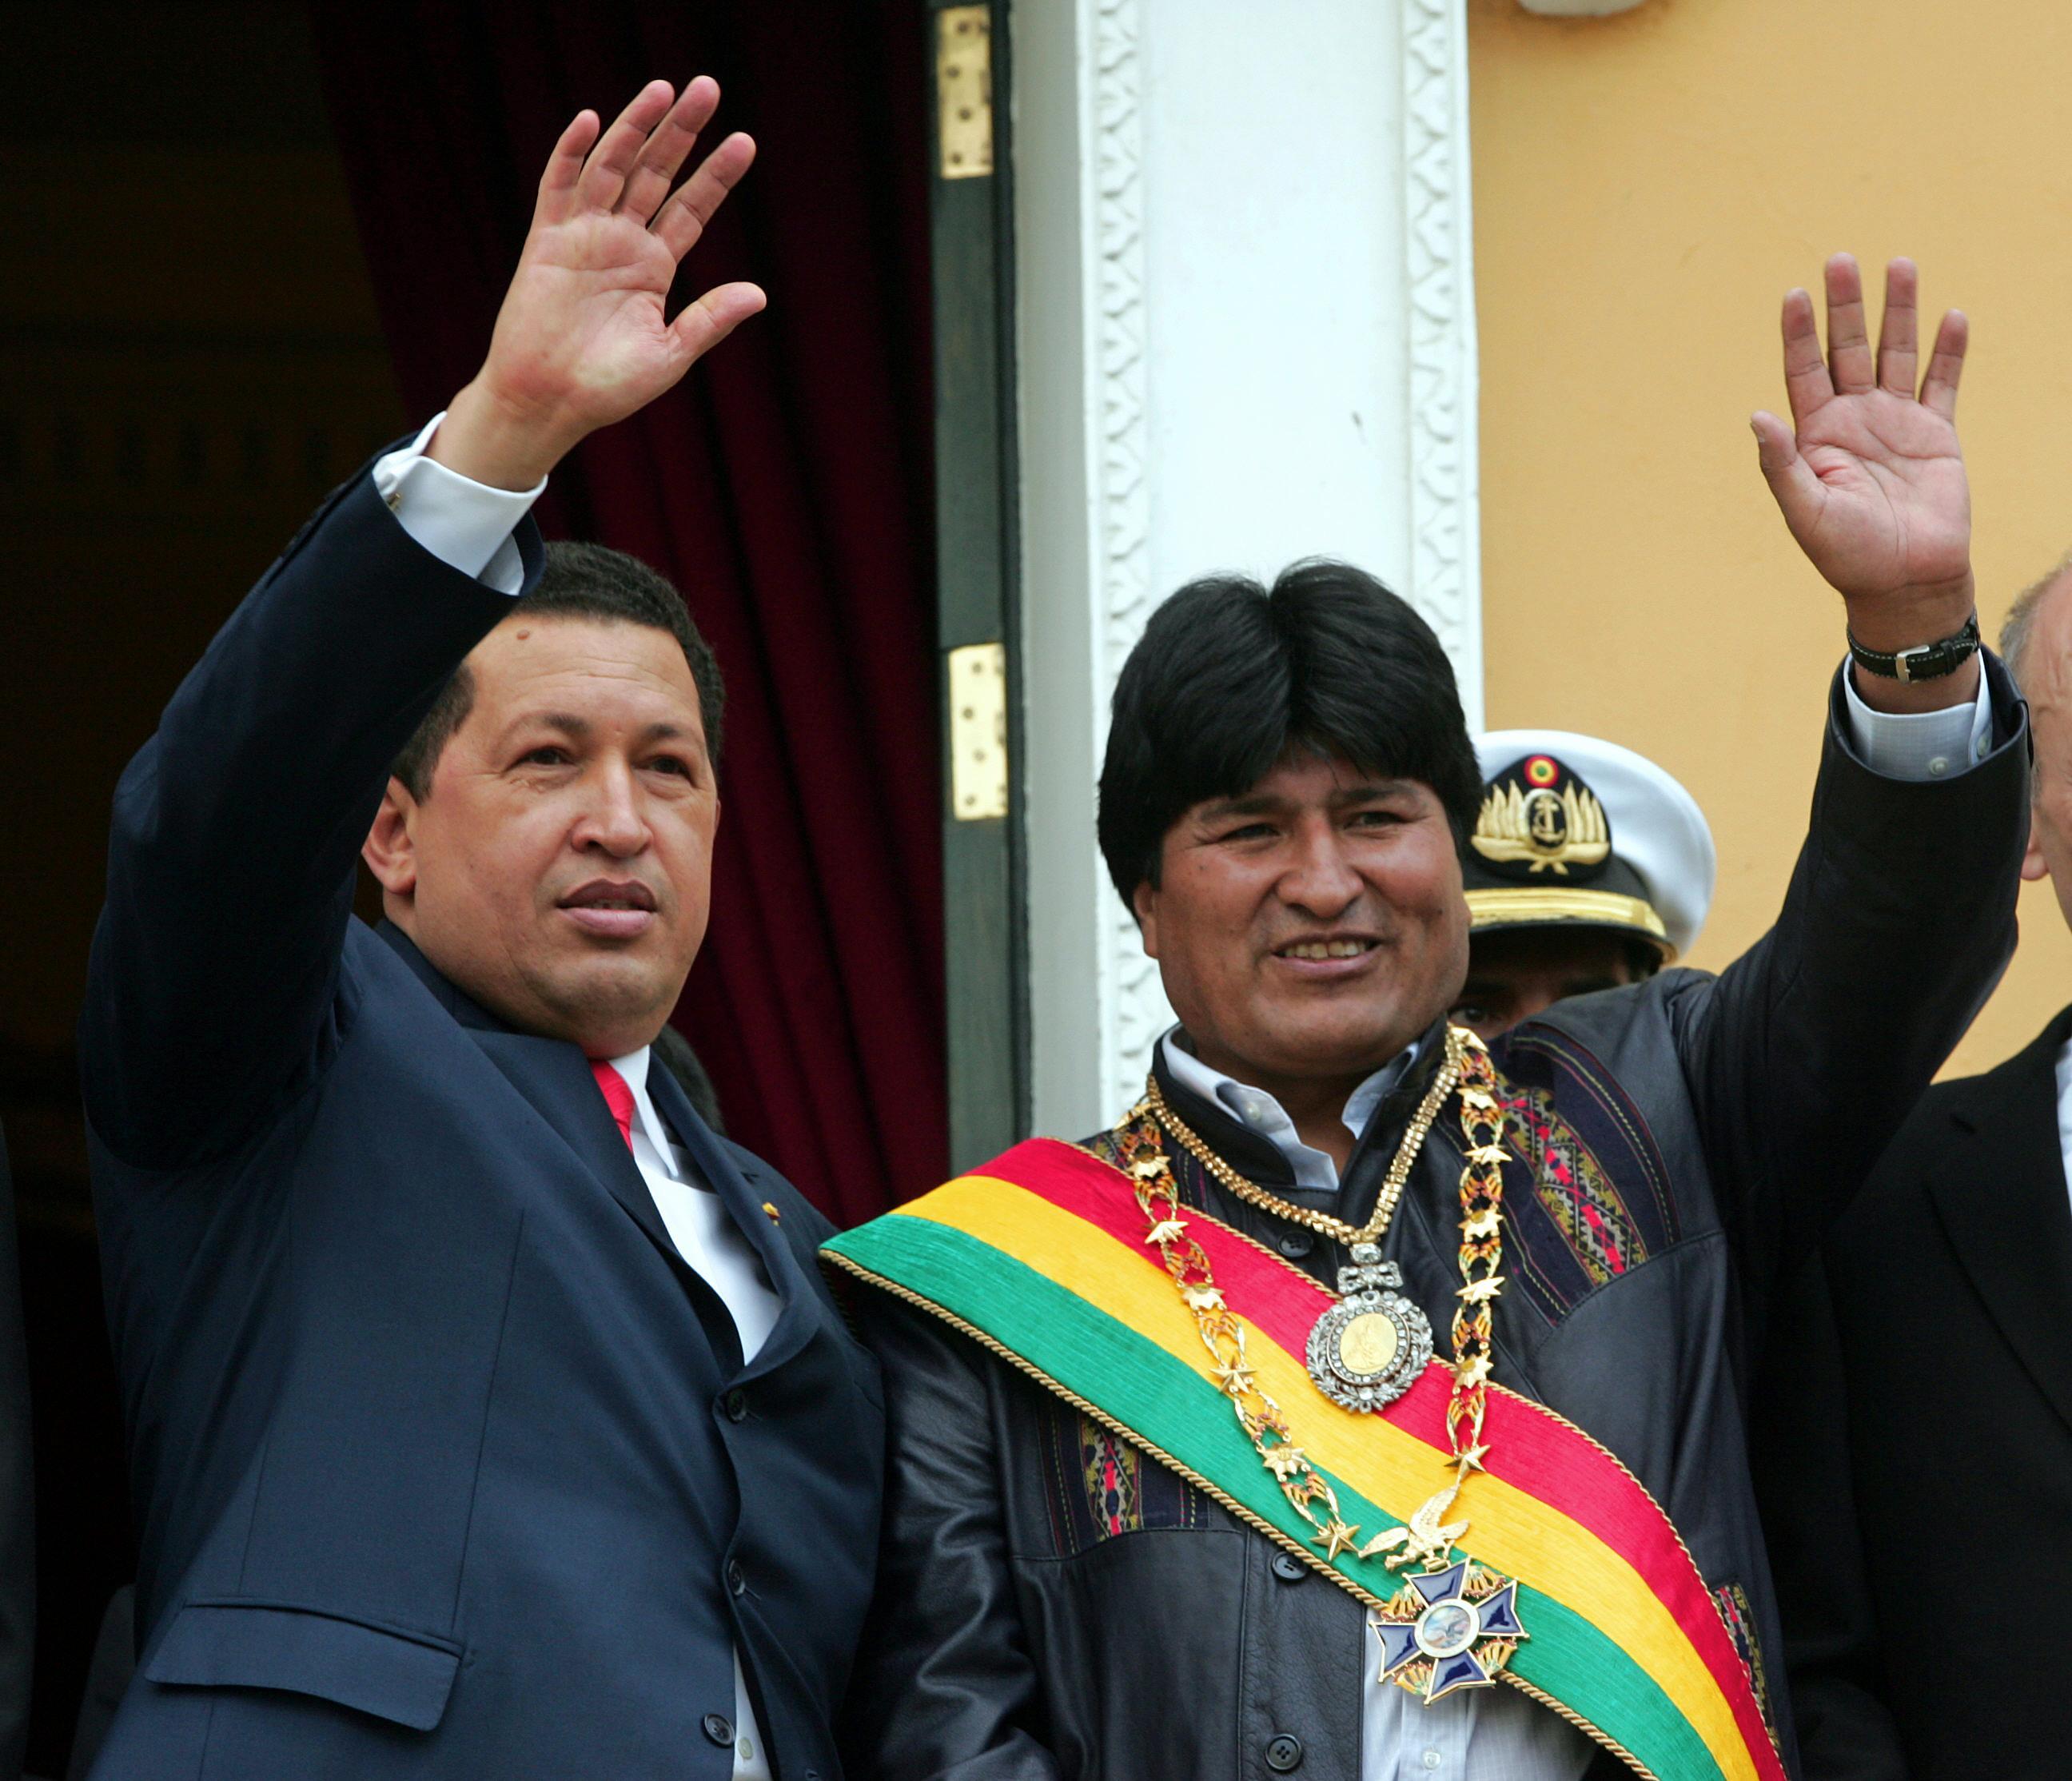 A bolíviai nemzeti jelképeket kilopták egy katonatiszt kocsijából, miközben az beugrott egy bordélyba